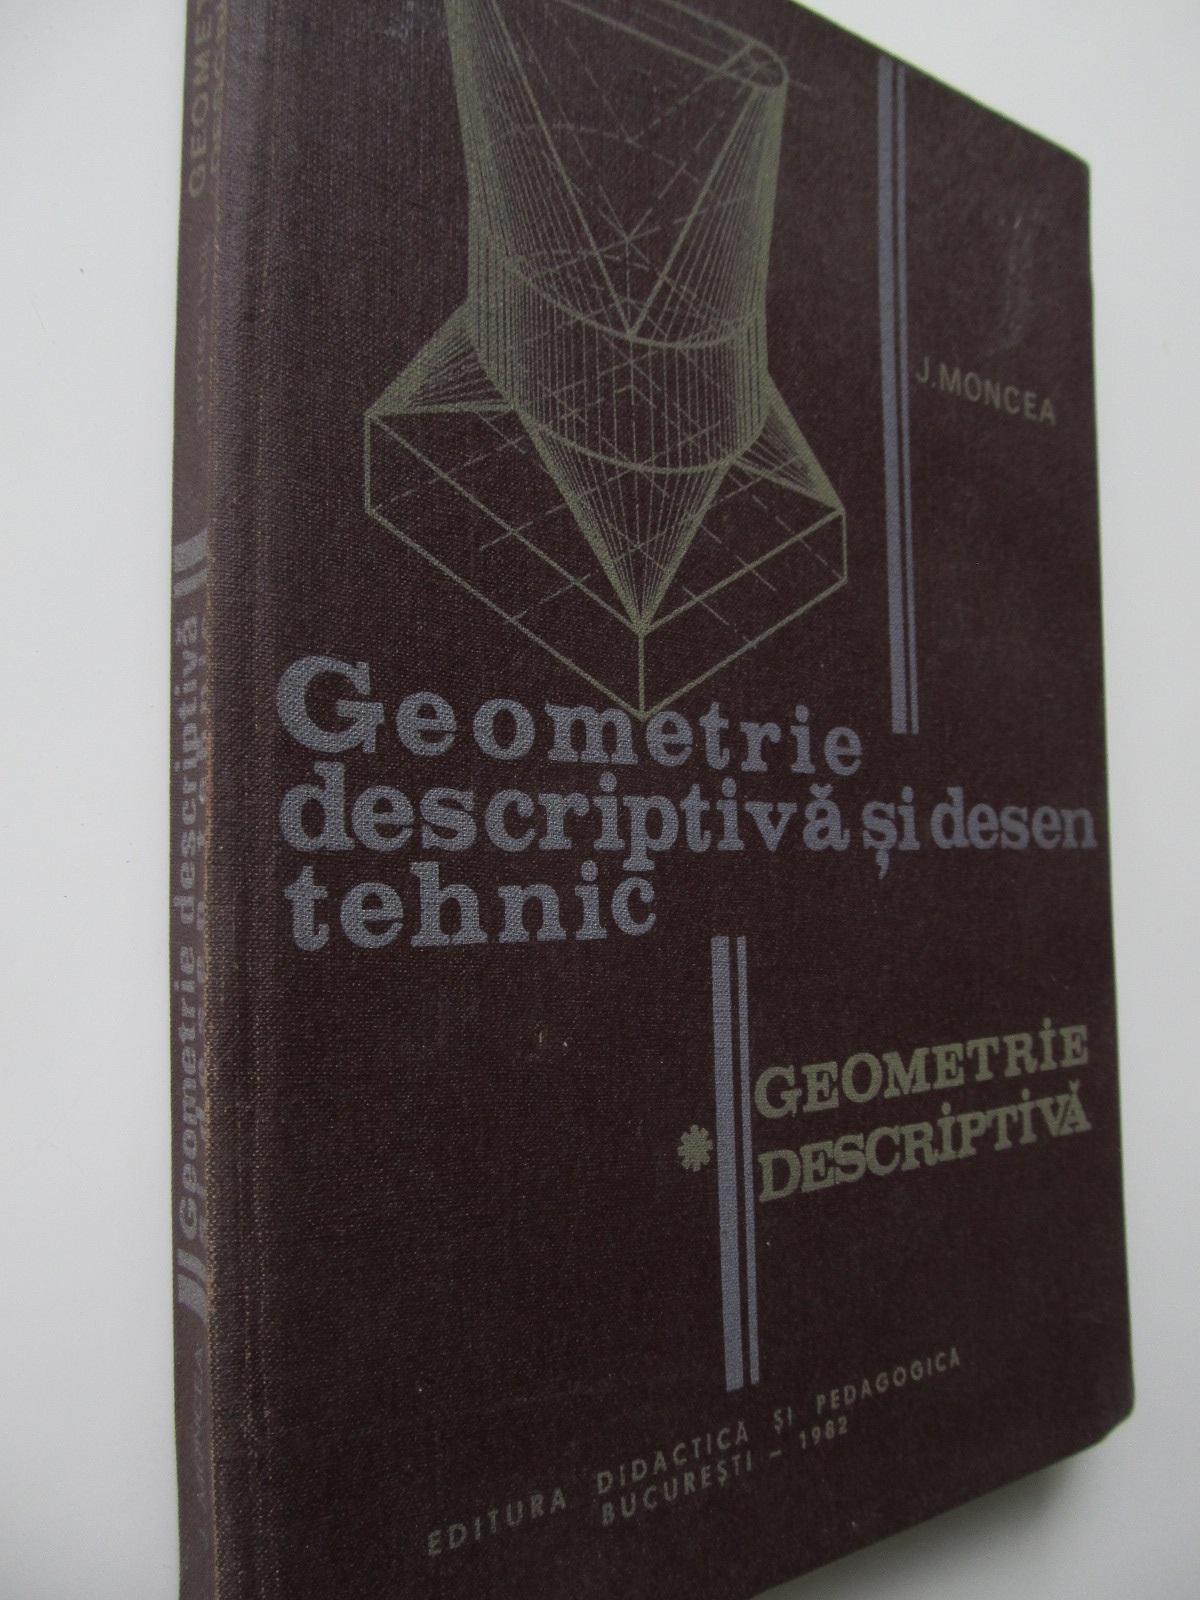 Geometrie descriptiva si desen tehnic (Partea I ) - Geometrie descriptiva - J. Moncea | Detalii carte